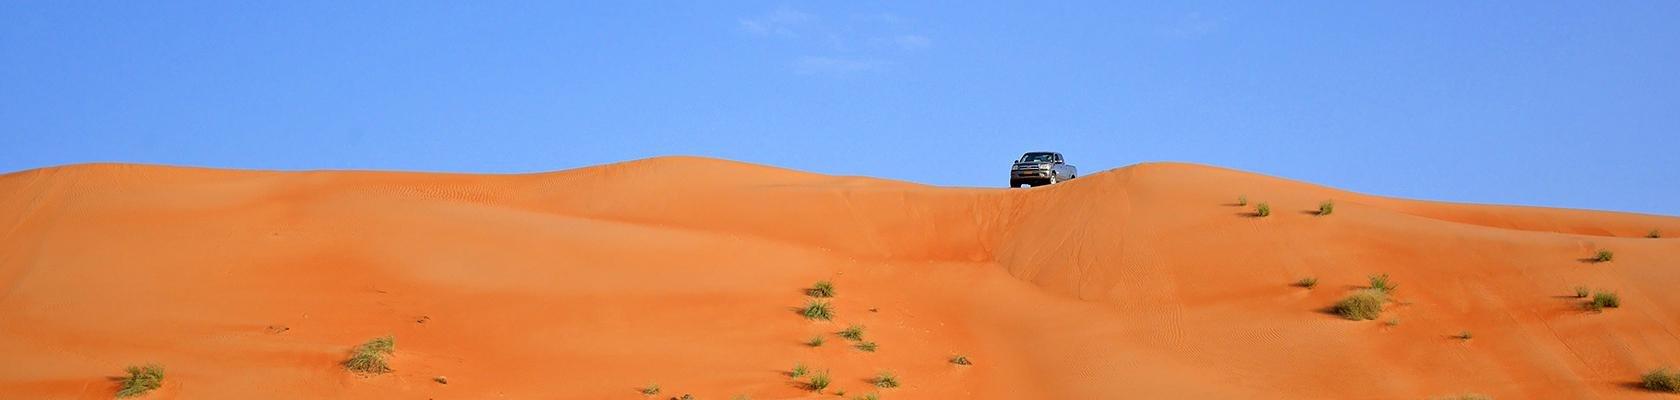 Individuele rondreis Midden-Oosten - Oman 2